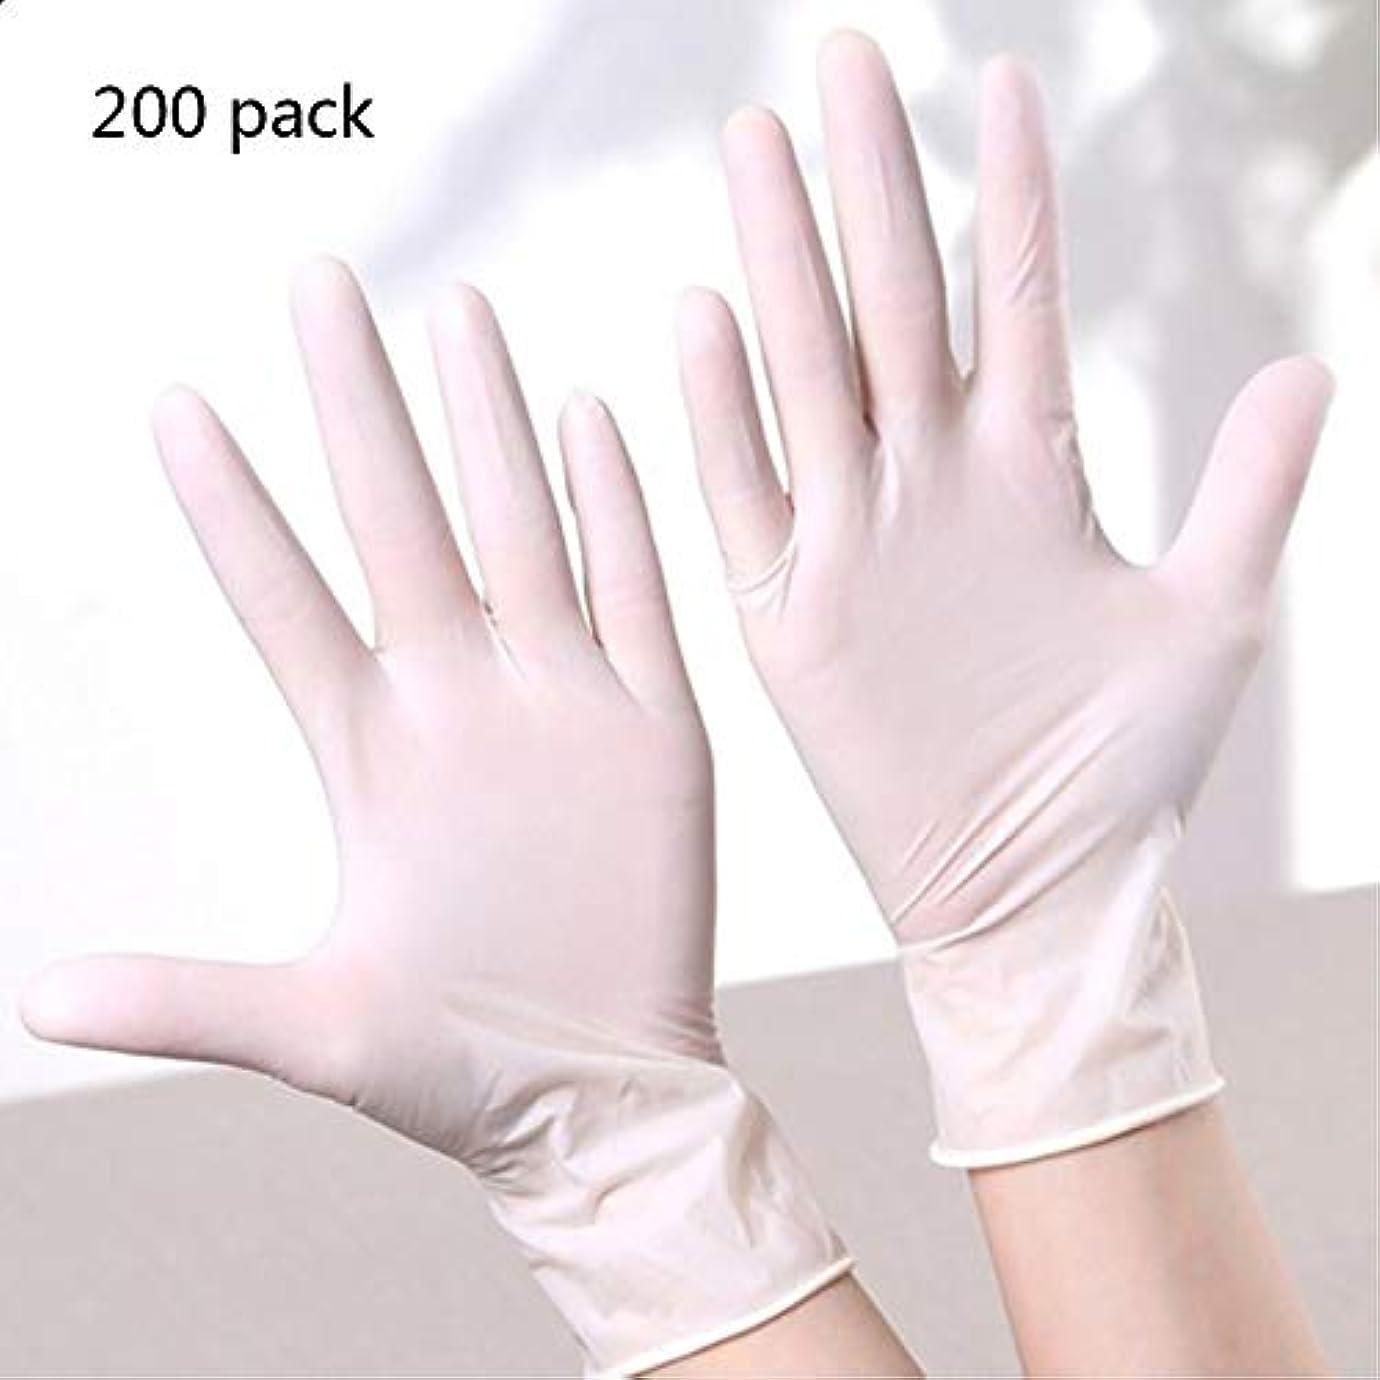 最終ピカソ調整ニトリルテスト用手袋、使い捨て医療グレードノンラテックスパウダーフリーのテクスチャ指先食品用安全クリーン大乳白色(200個)